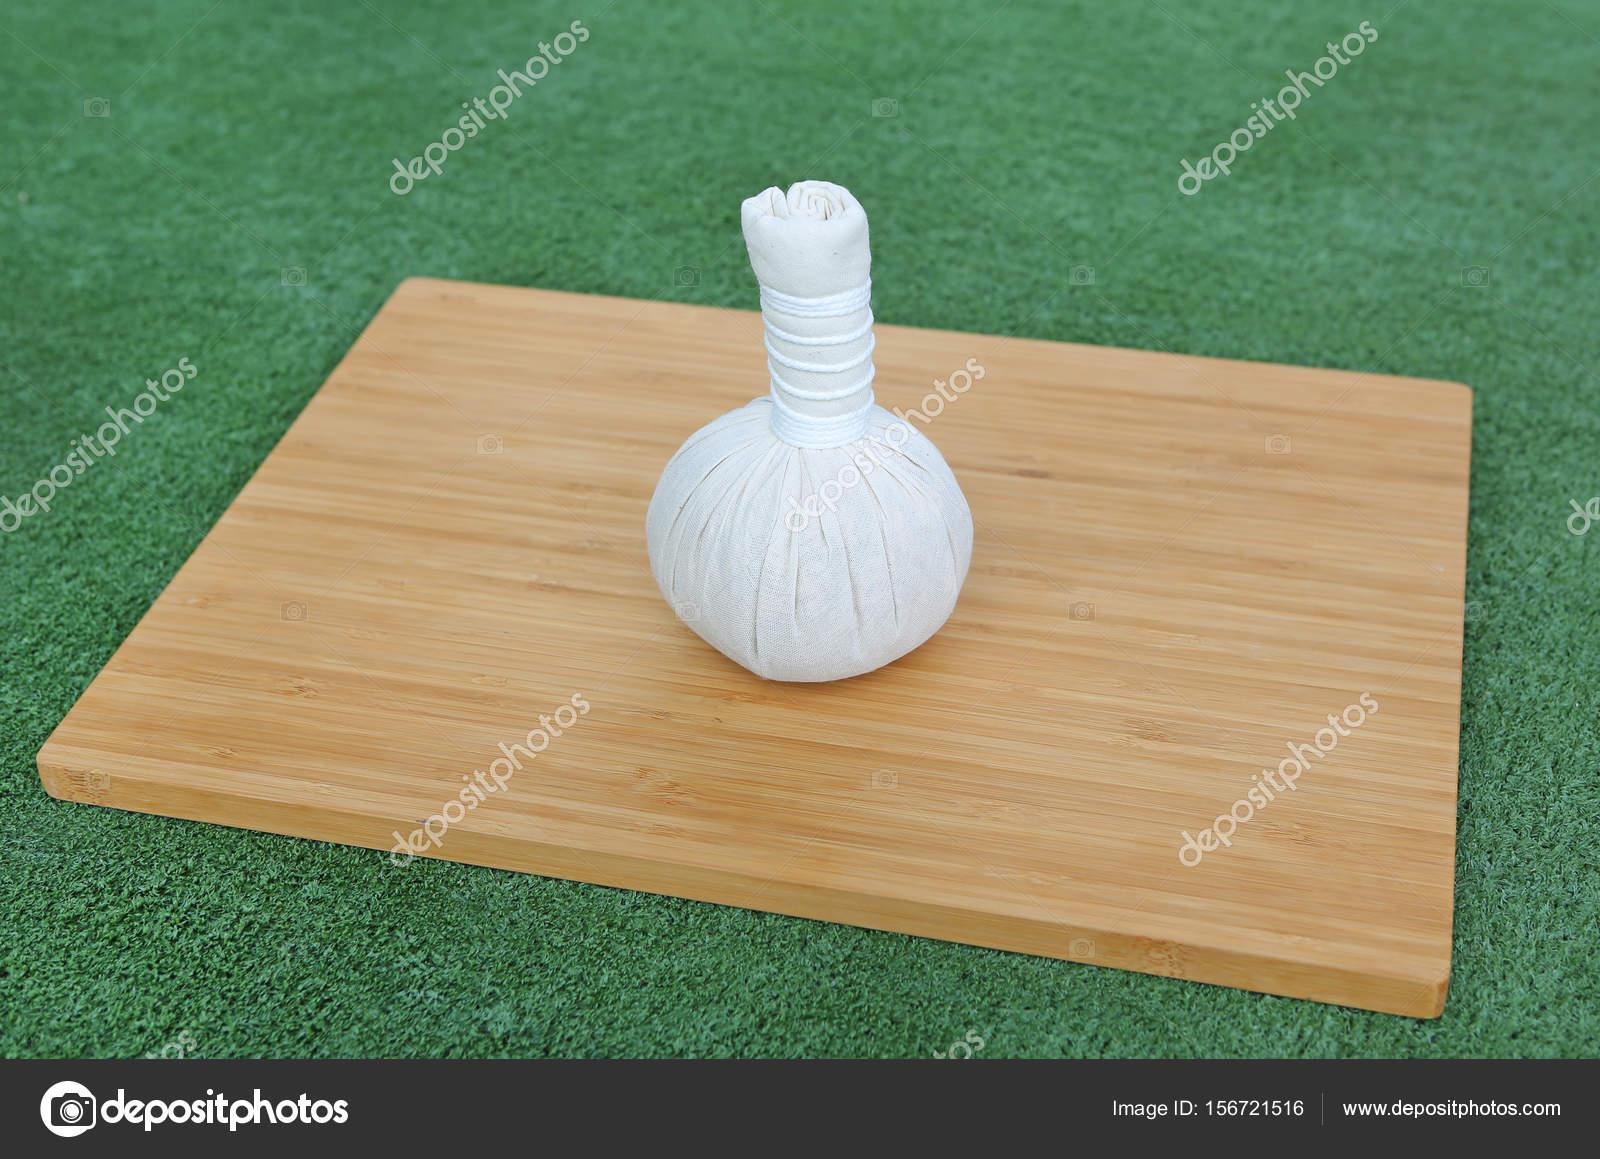 plaque de bois compress fabulous image dimensions u montage du kit bnisterie with plaque de. Black Bedroom Furniture Sets. Home Design Ideas